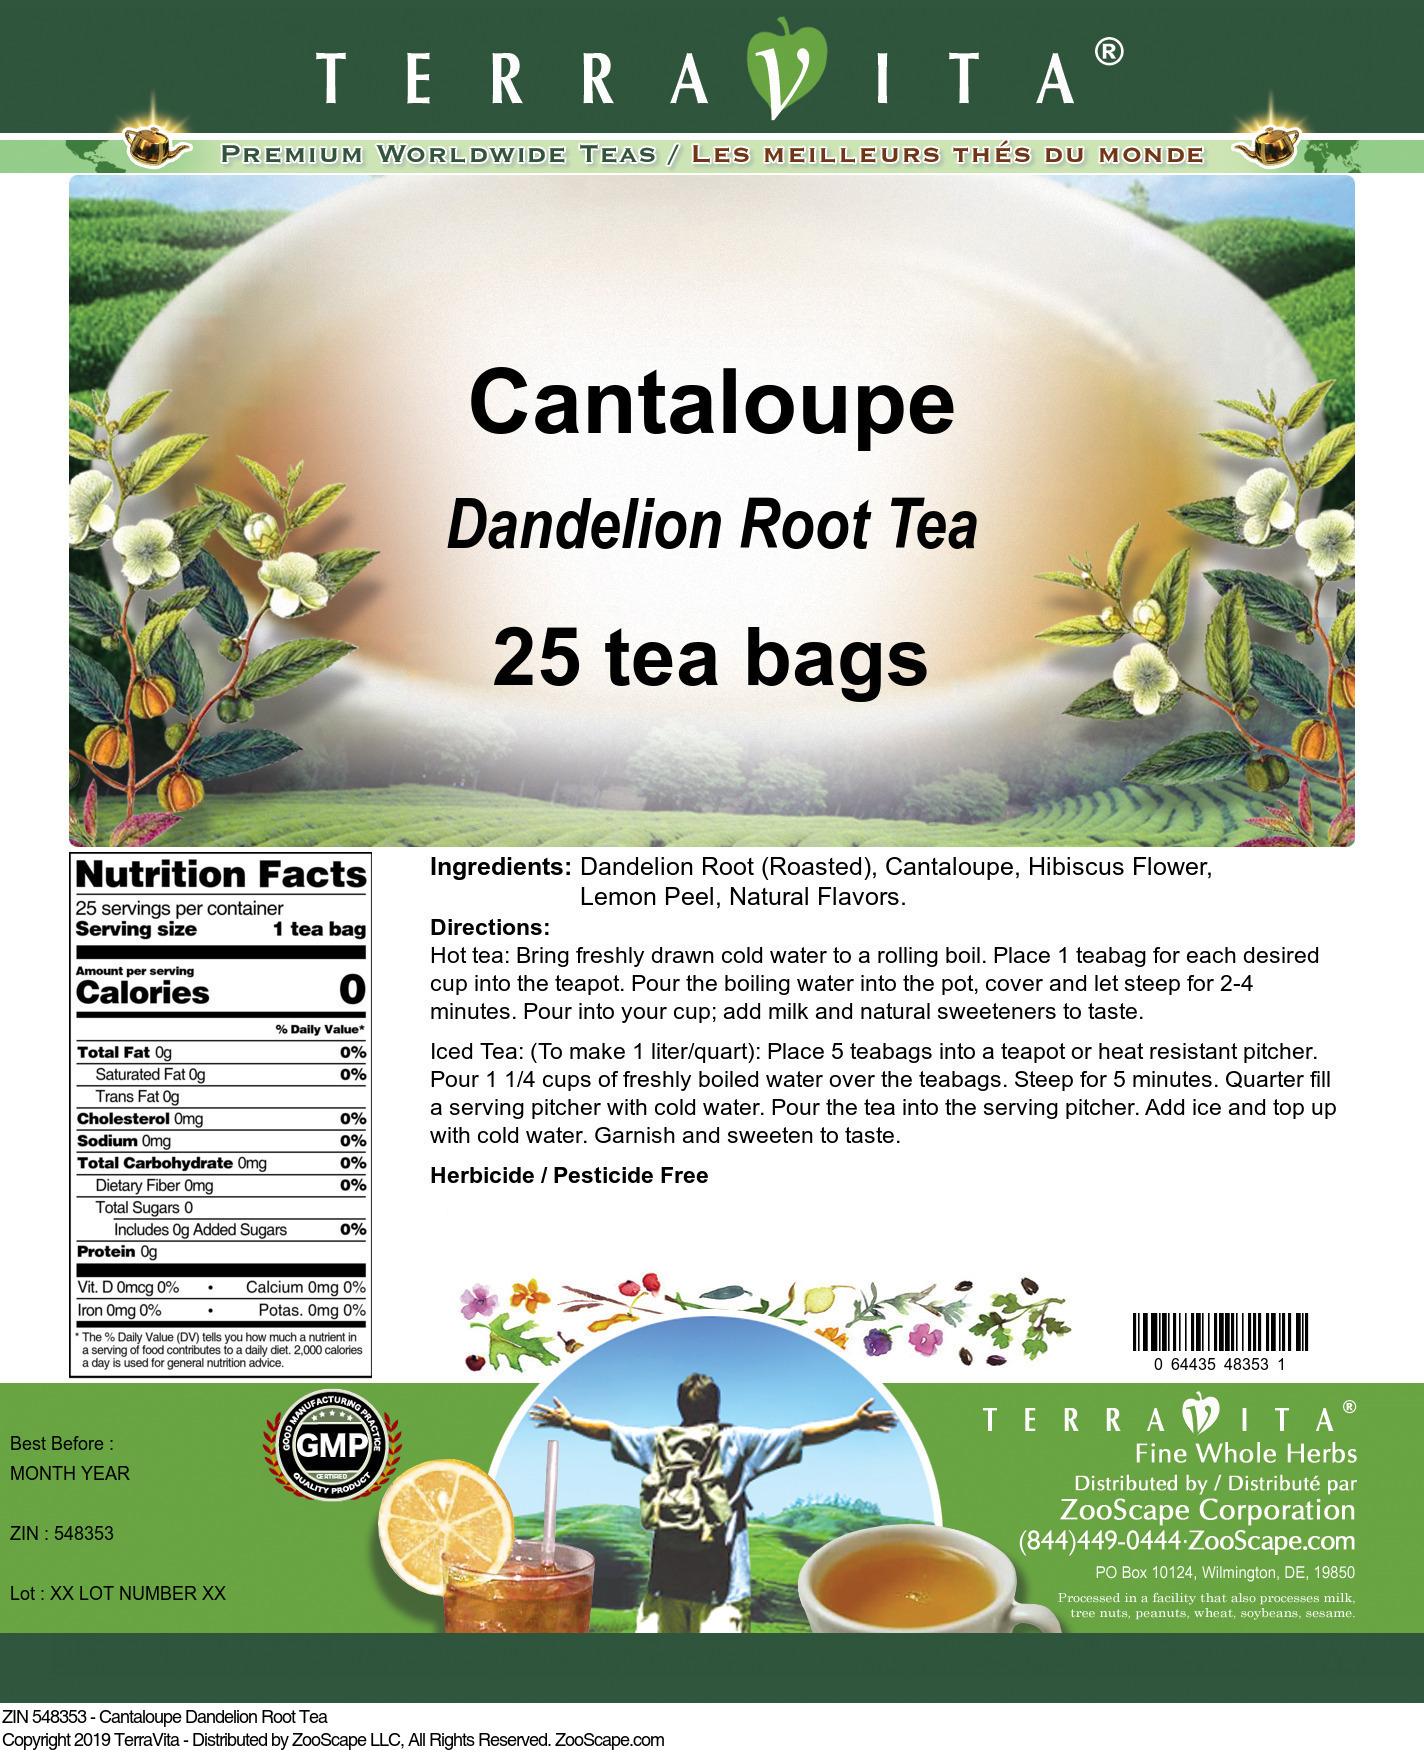 Cantaloupe Dandelion Root